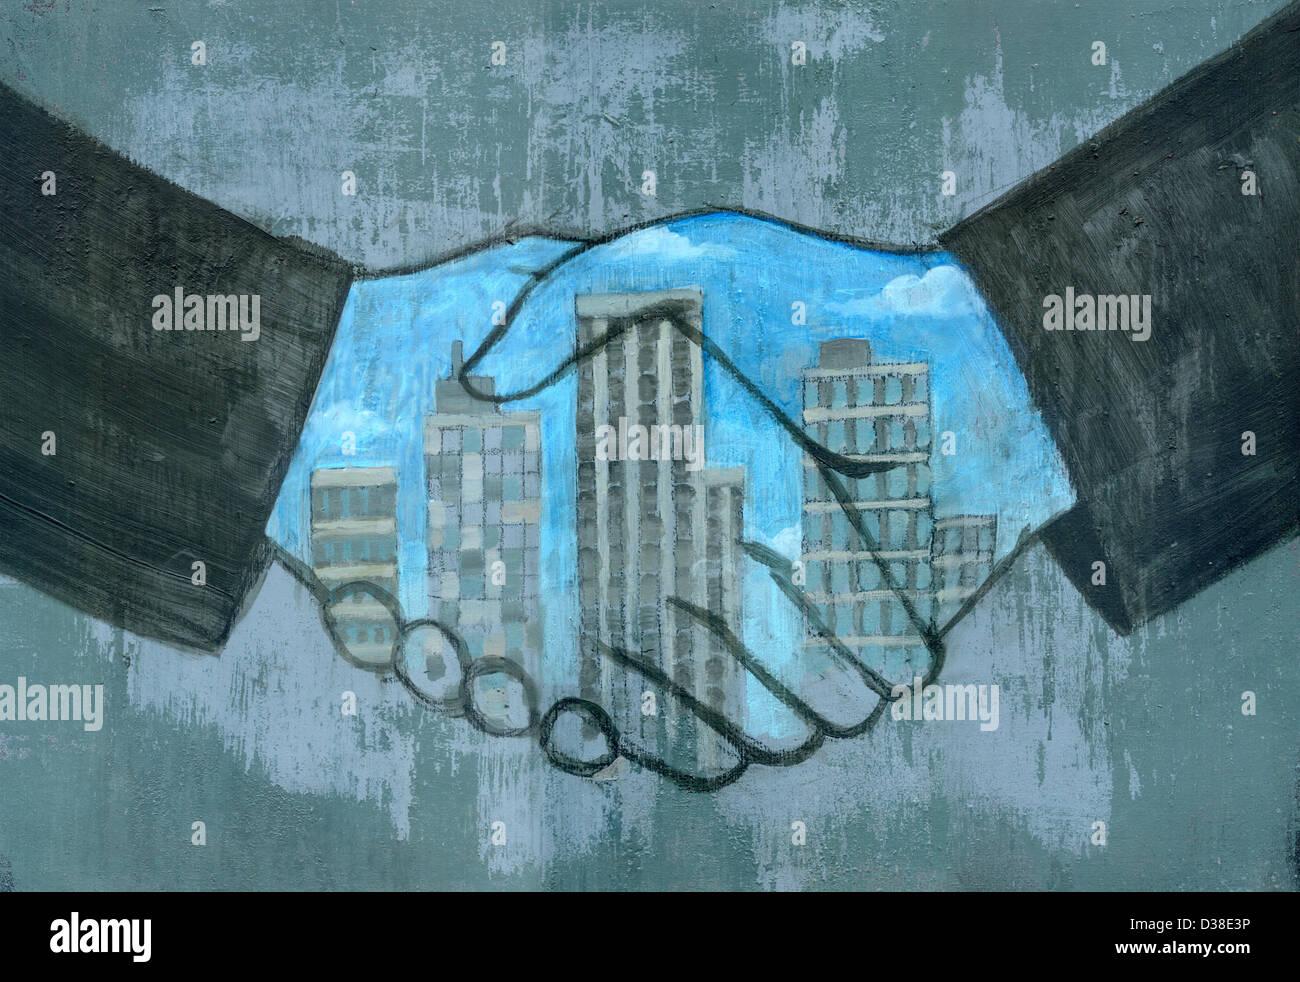 Imagen ilustrativa de las manos de fusión sellar un acuerdo Imagen De Stock